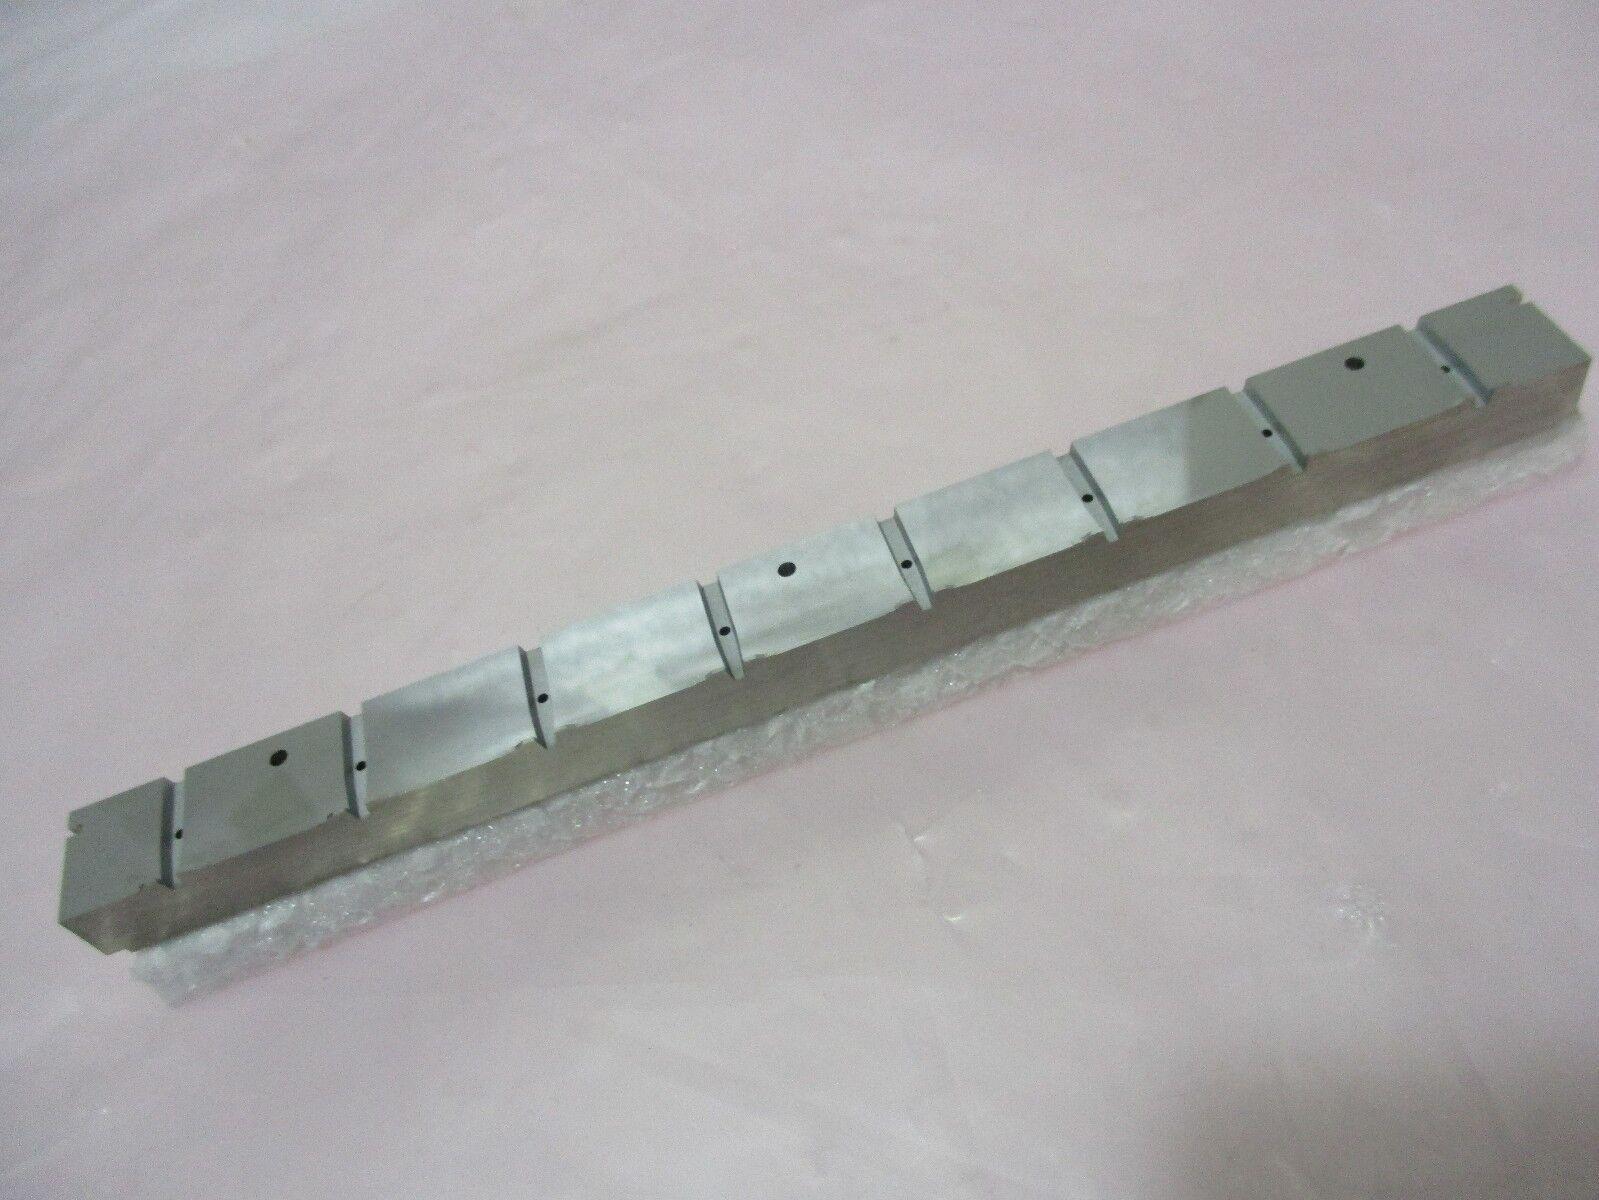 PK18665-H01 Insert, Runner, Upper (28 Pon), 420848